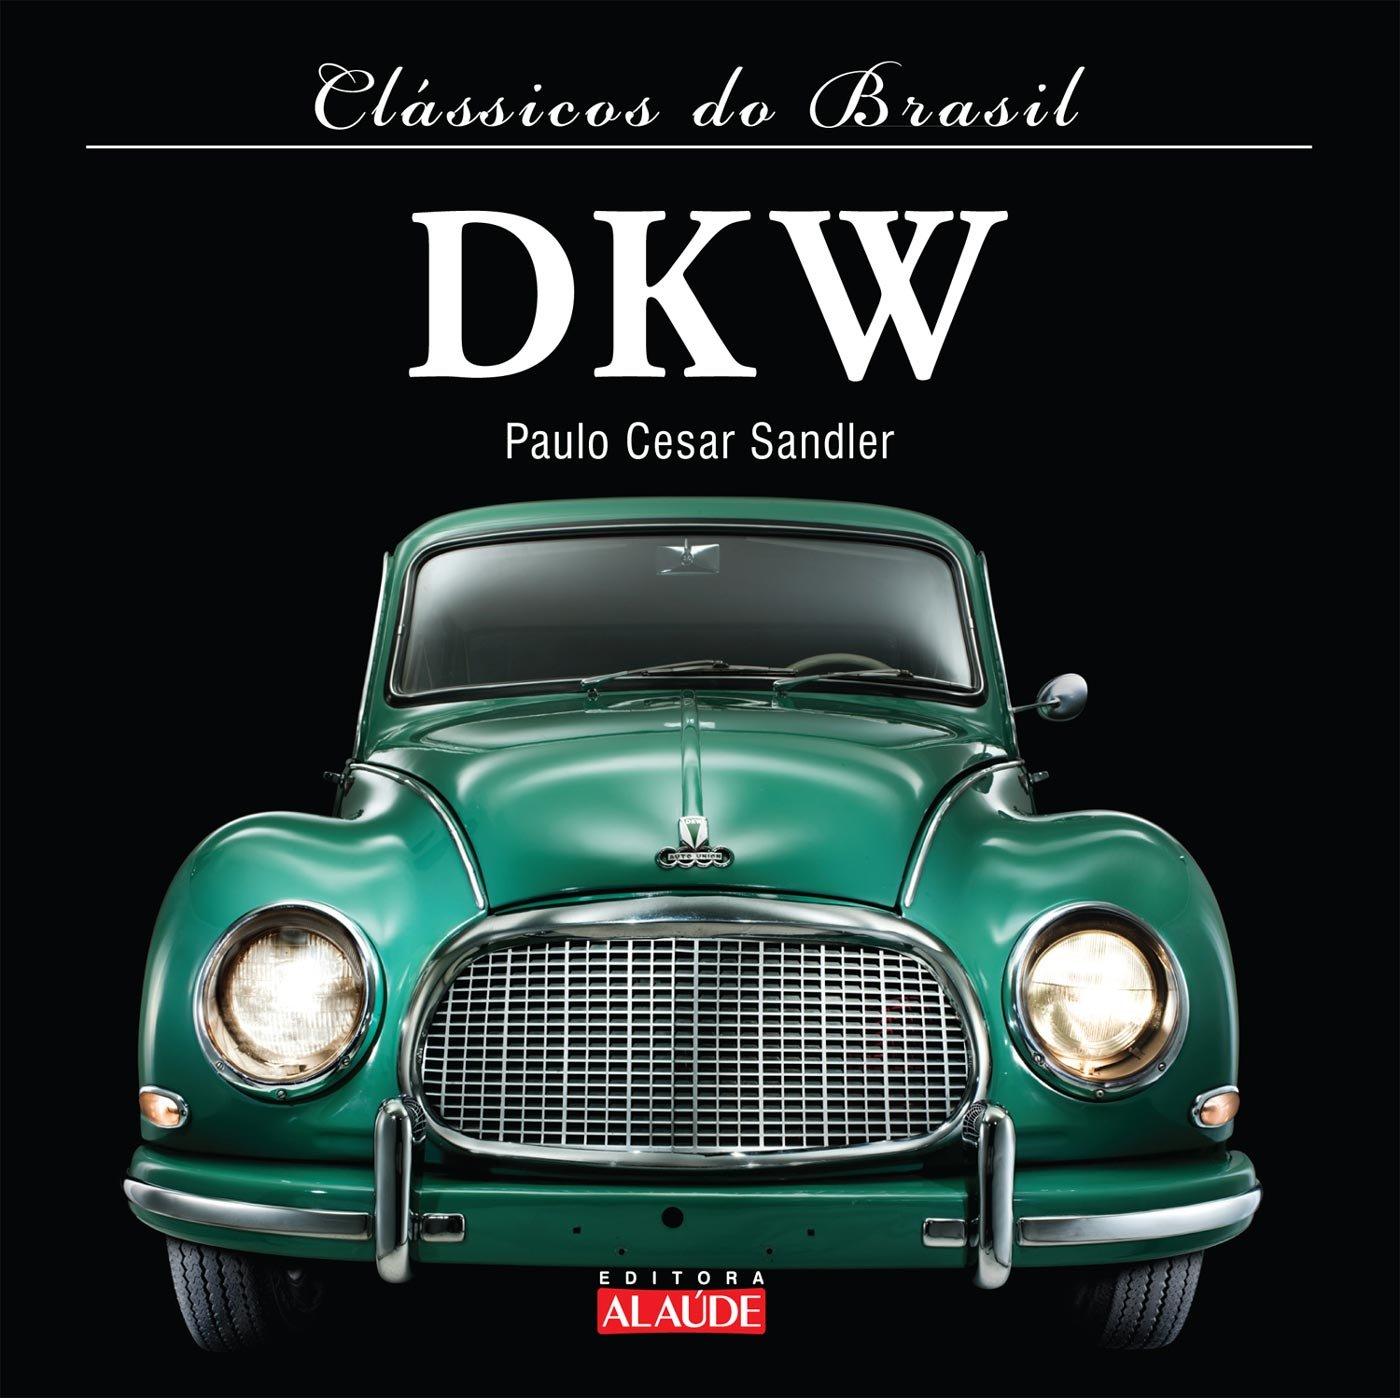 Dkw - Colecao: Classicos do Brasil (Em Portugues do Brasil): Paulo Cesar Sandler: 9788578811051: Amazon.com: Books